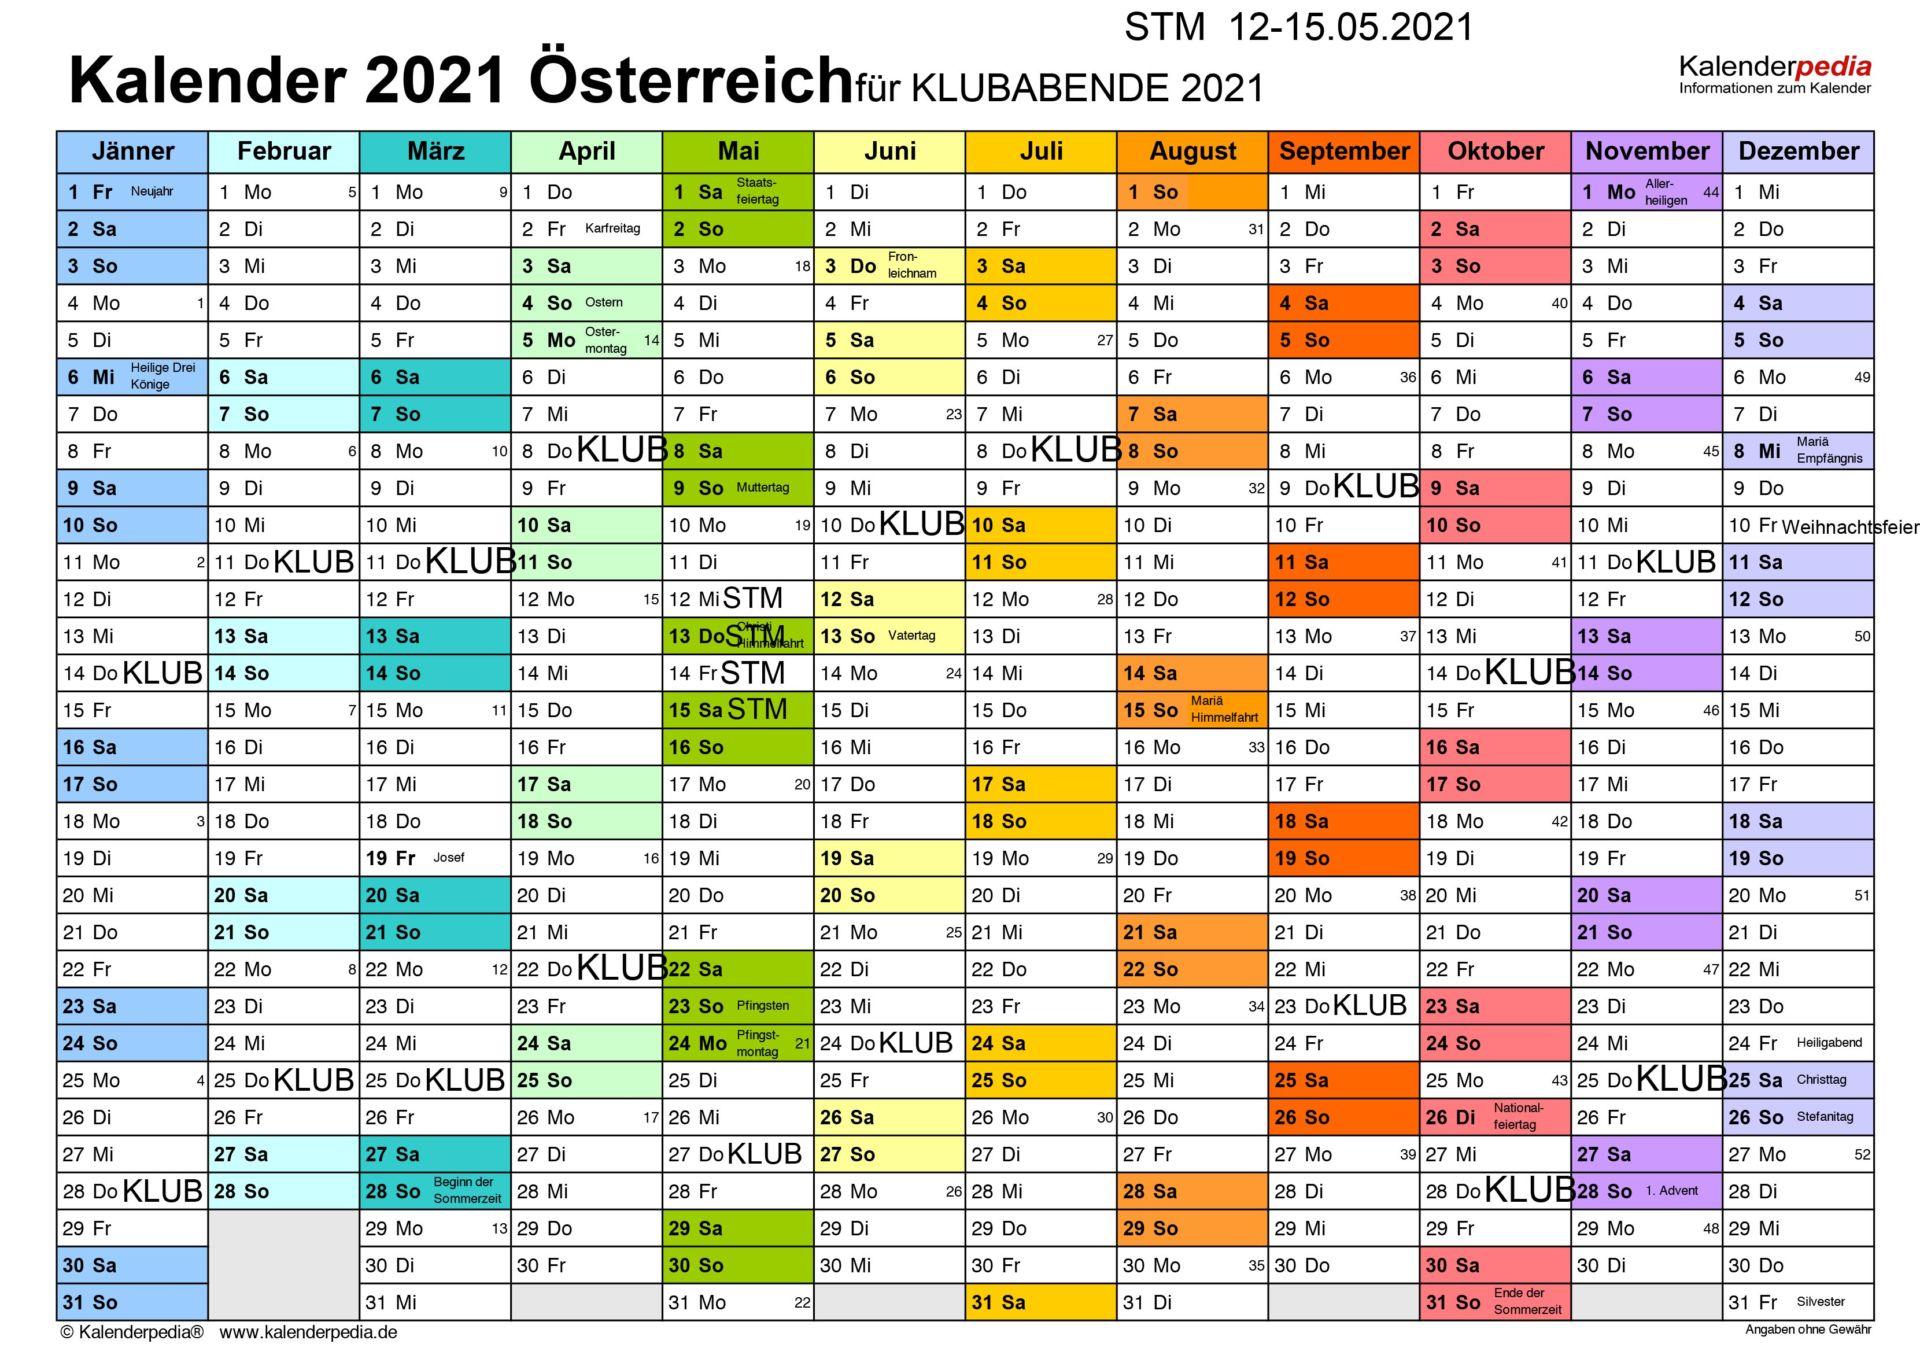 filmklubkalender-2021